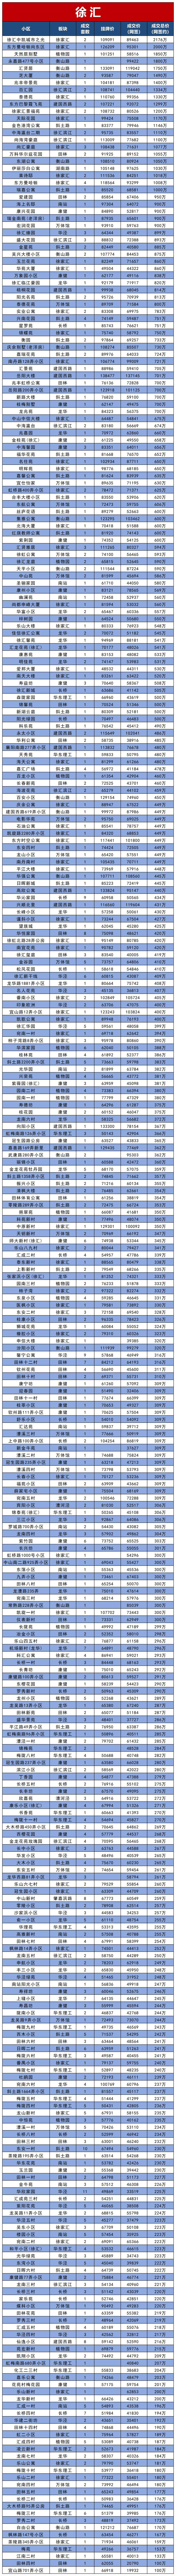 上海各区10月二手房价大全!最贵二手房在长宁